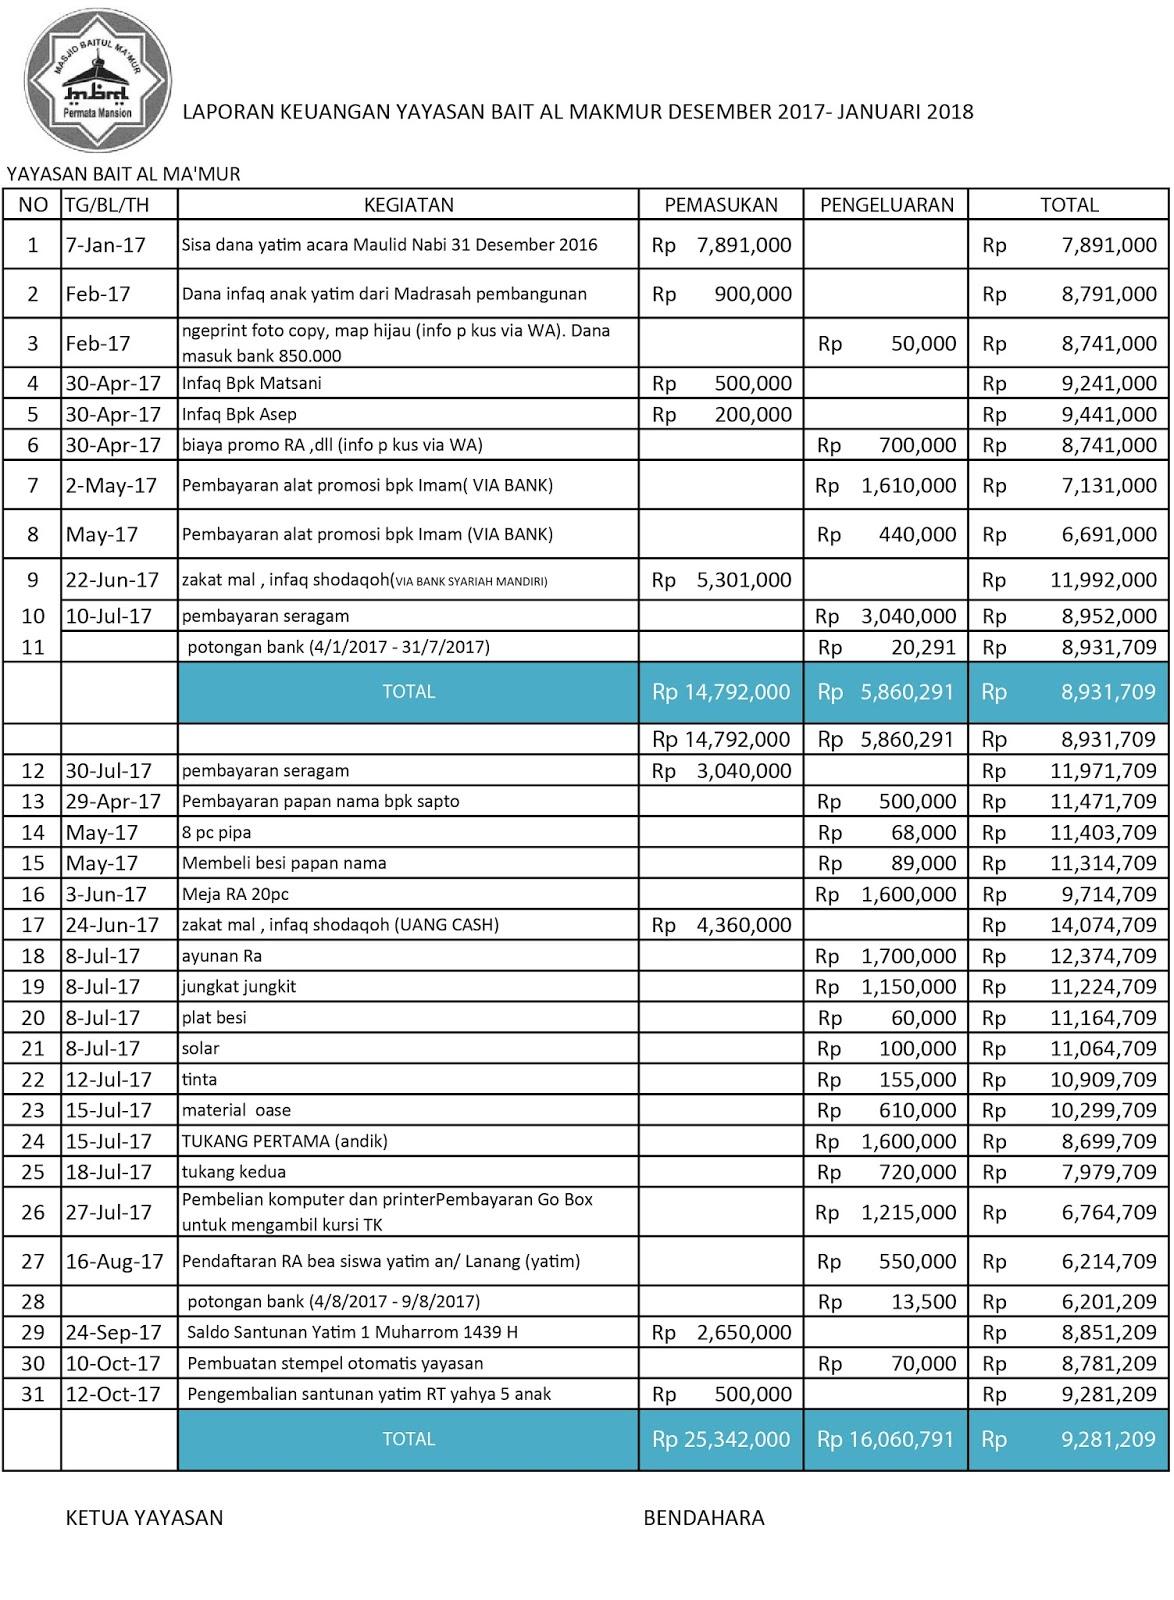 Laporan Keuangan Yayasan Bait Al Makmur Desember 2017 Januari 2018 Dkm Baitul Makmur